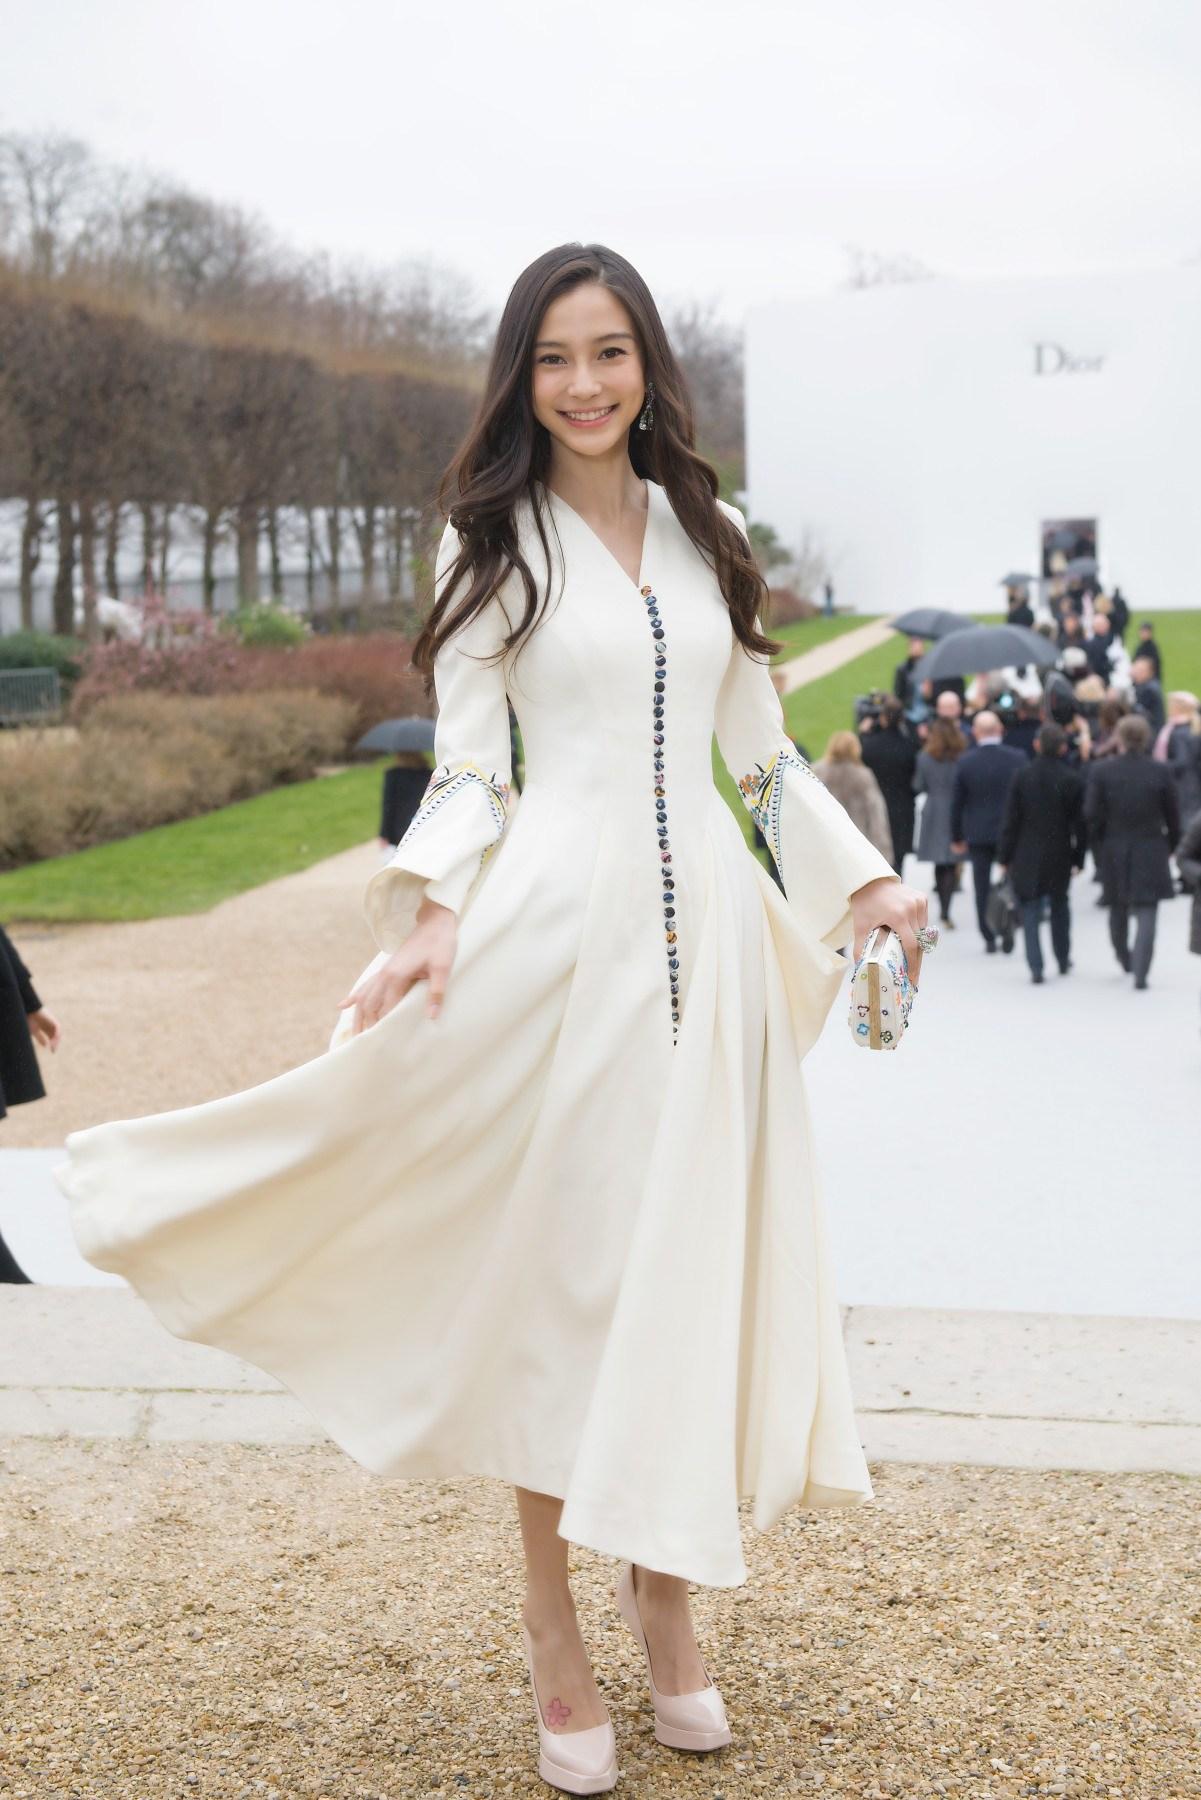 Bộ váy trắng cổ V với hàng cút màu sắc làm điểm nhấn là lựa chọn của Angelababy khi tham dự buổi trình diễn Dior Thu – Đông 2015. (Ảnh: Sina)